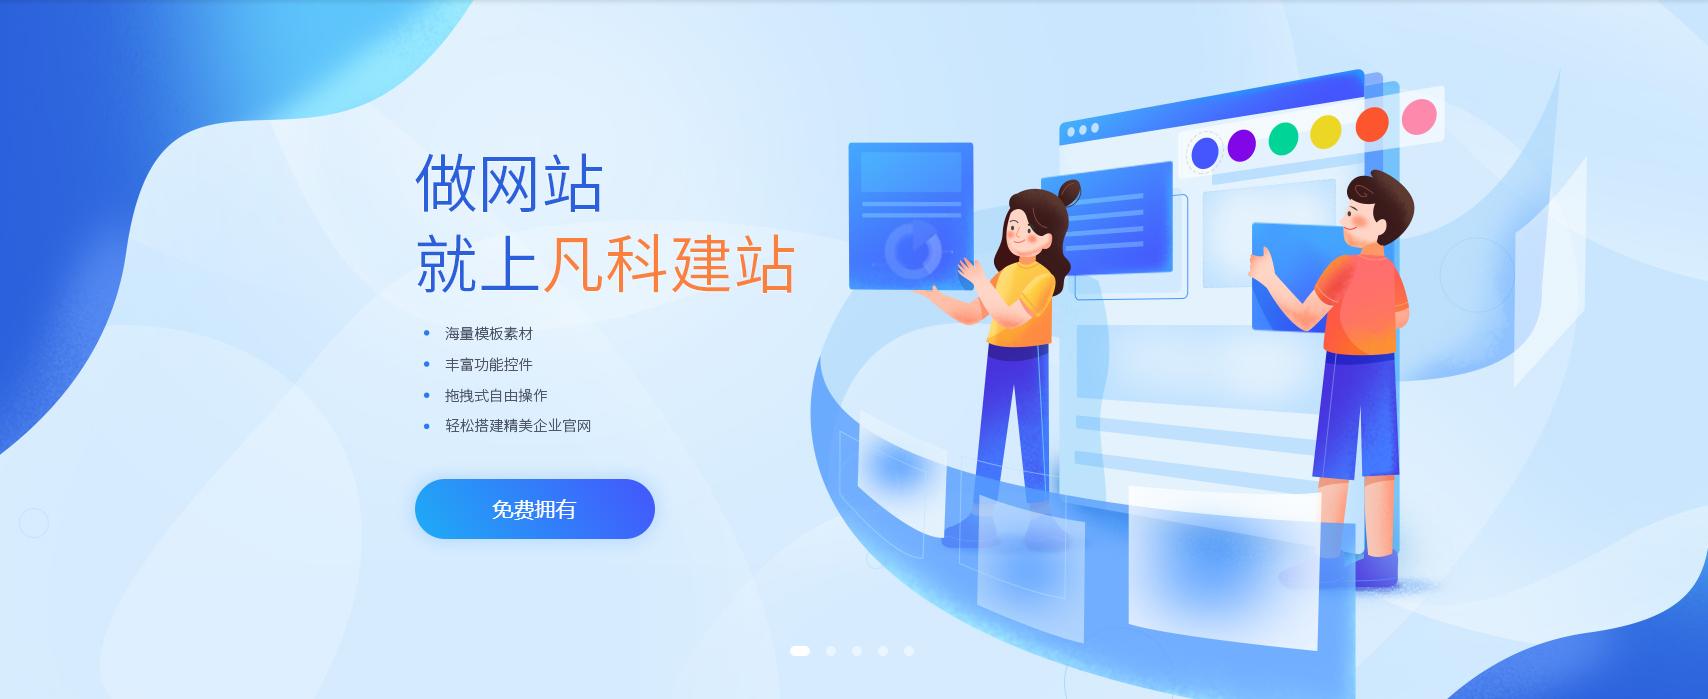 机构组织免费网站建设